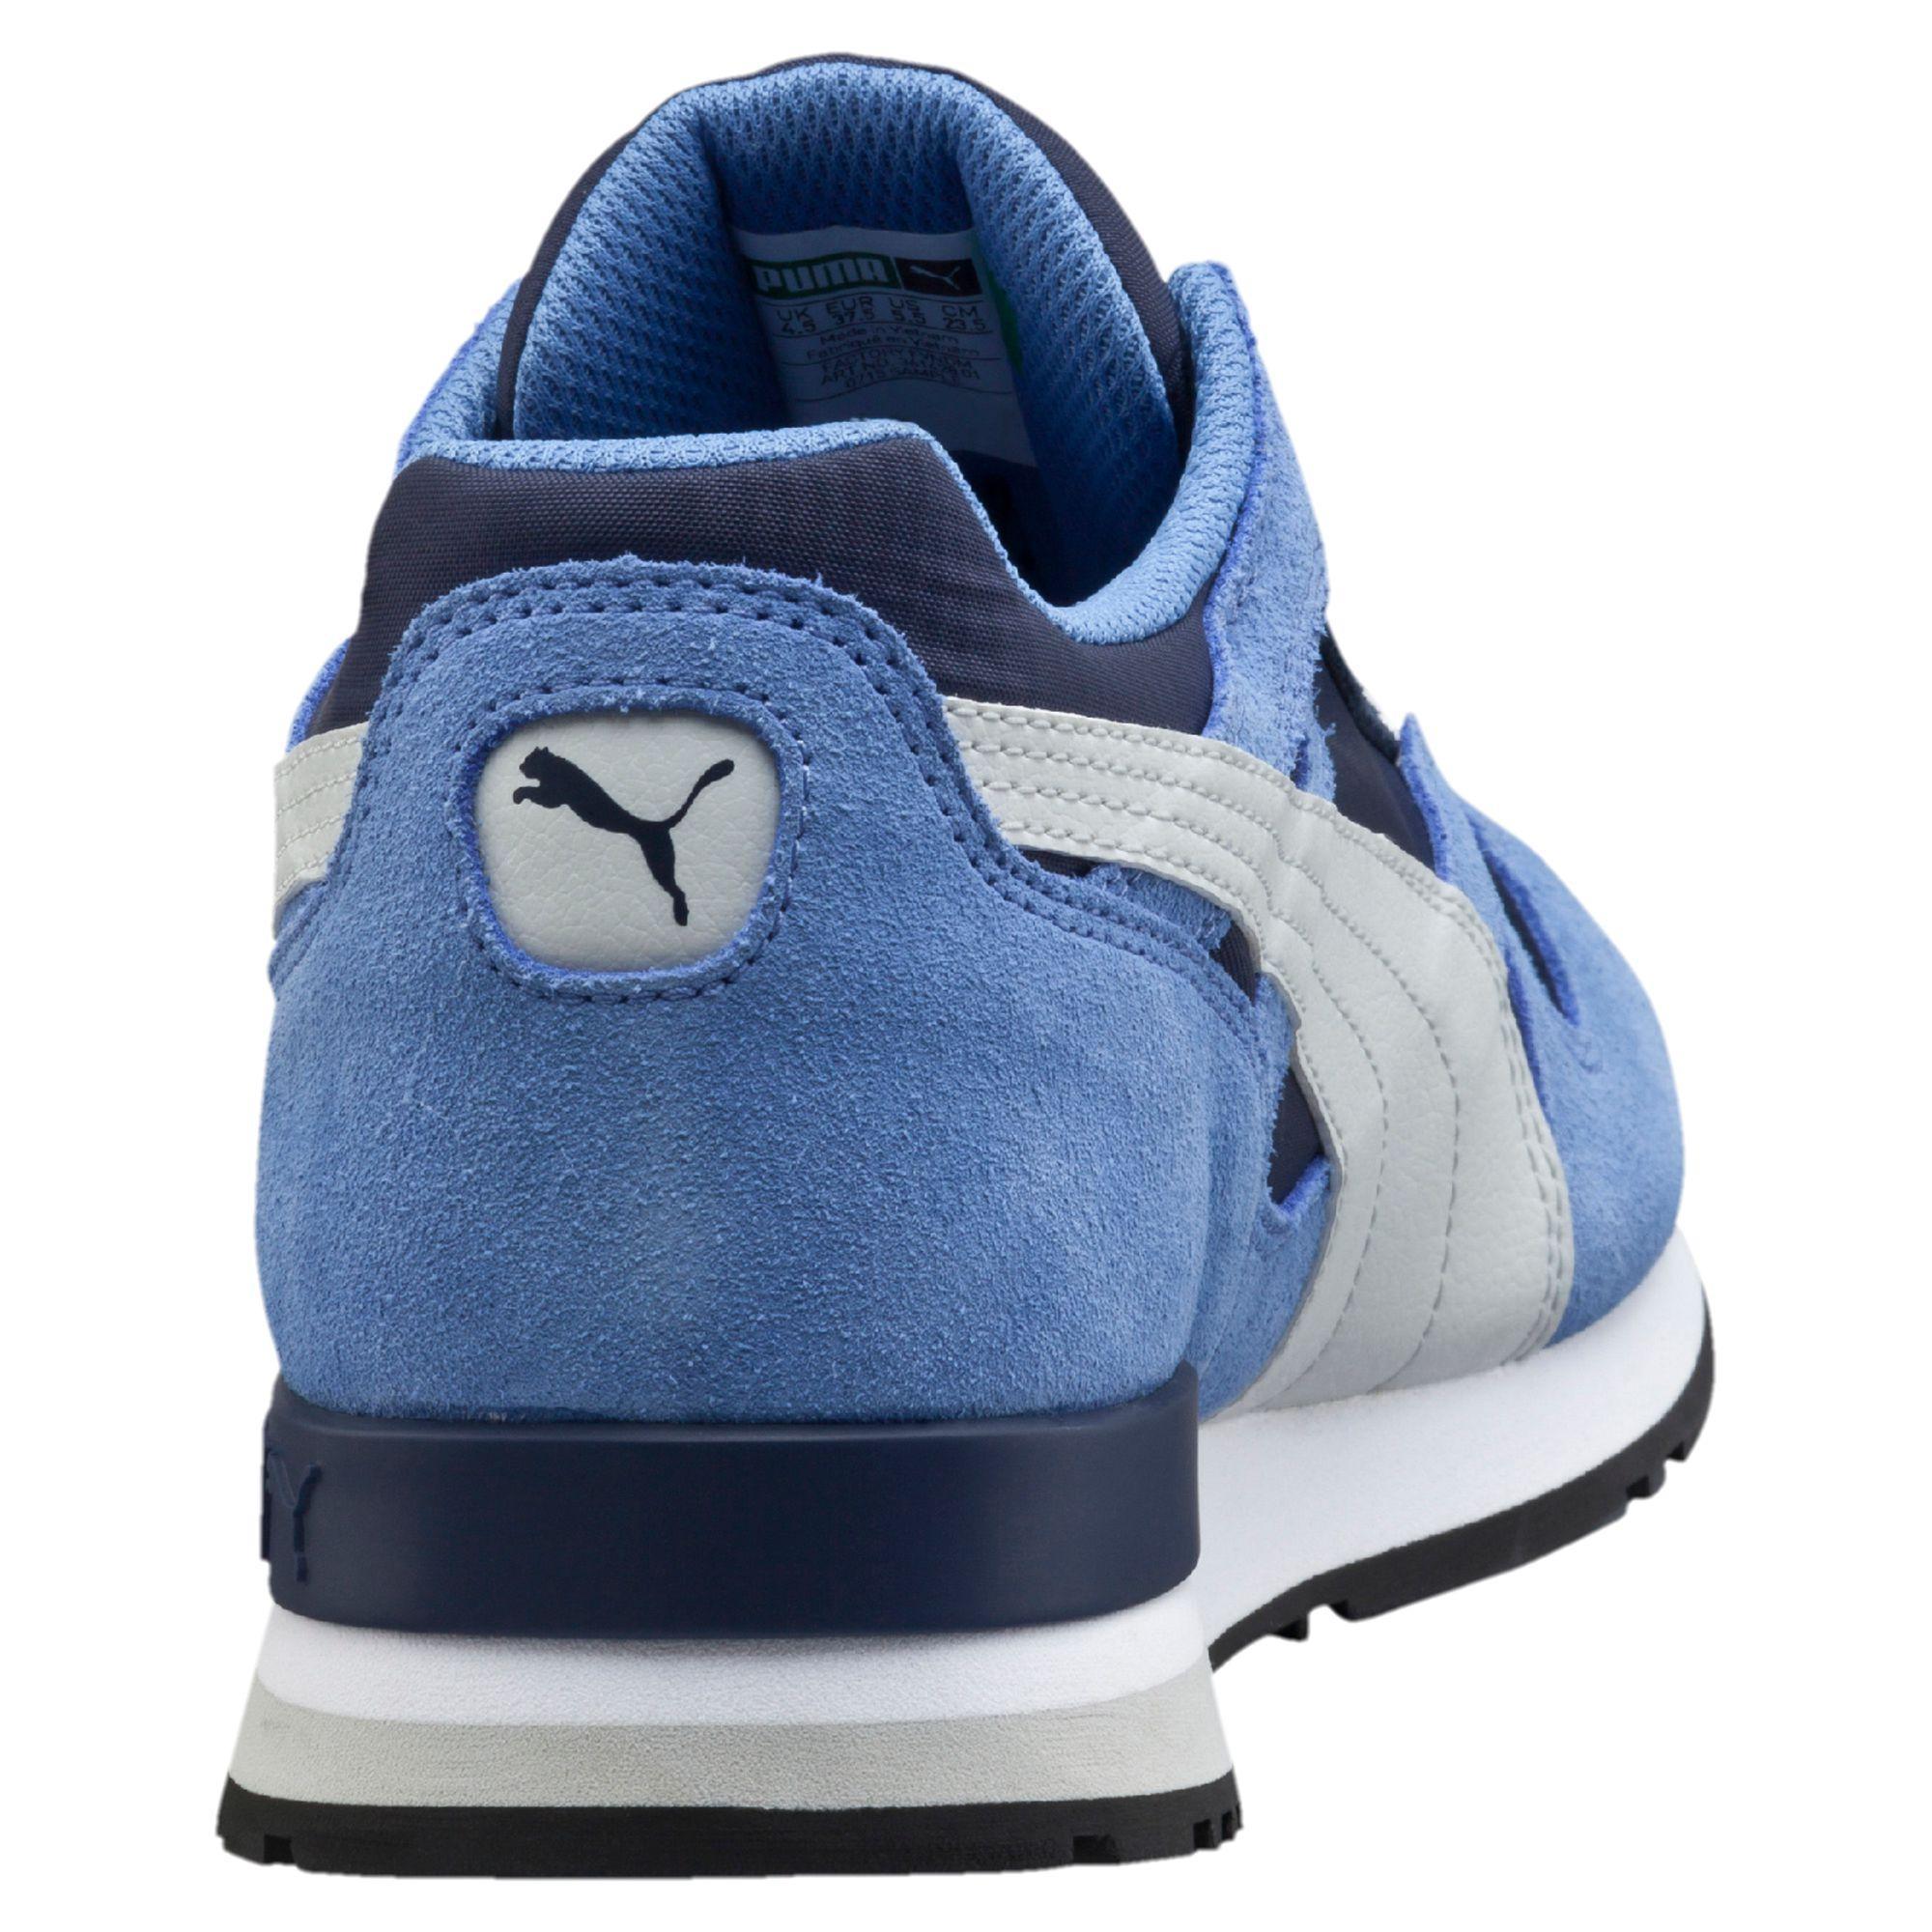 85d303836c0 Lyst - Puma Duplex Classic Women s Sneakers in Blue